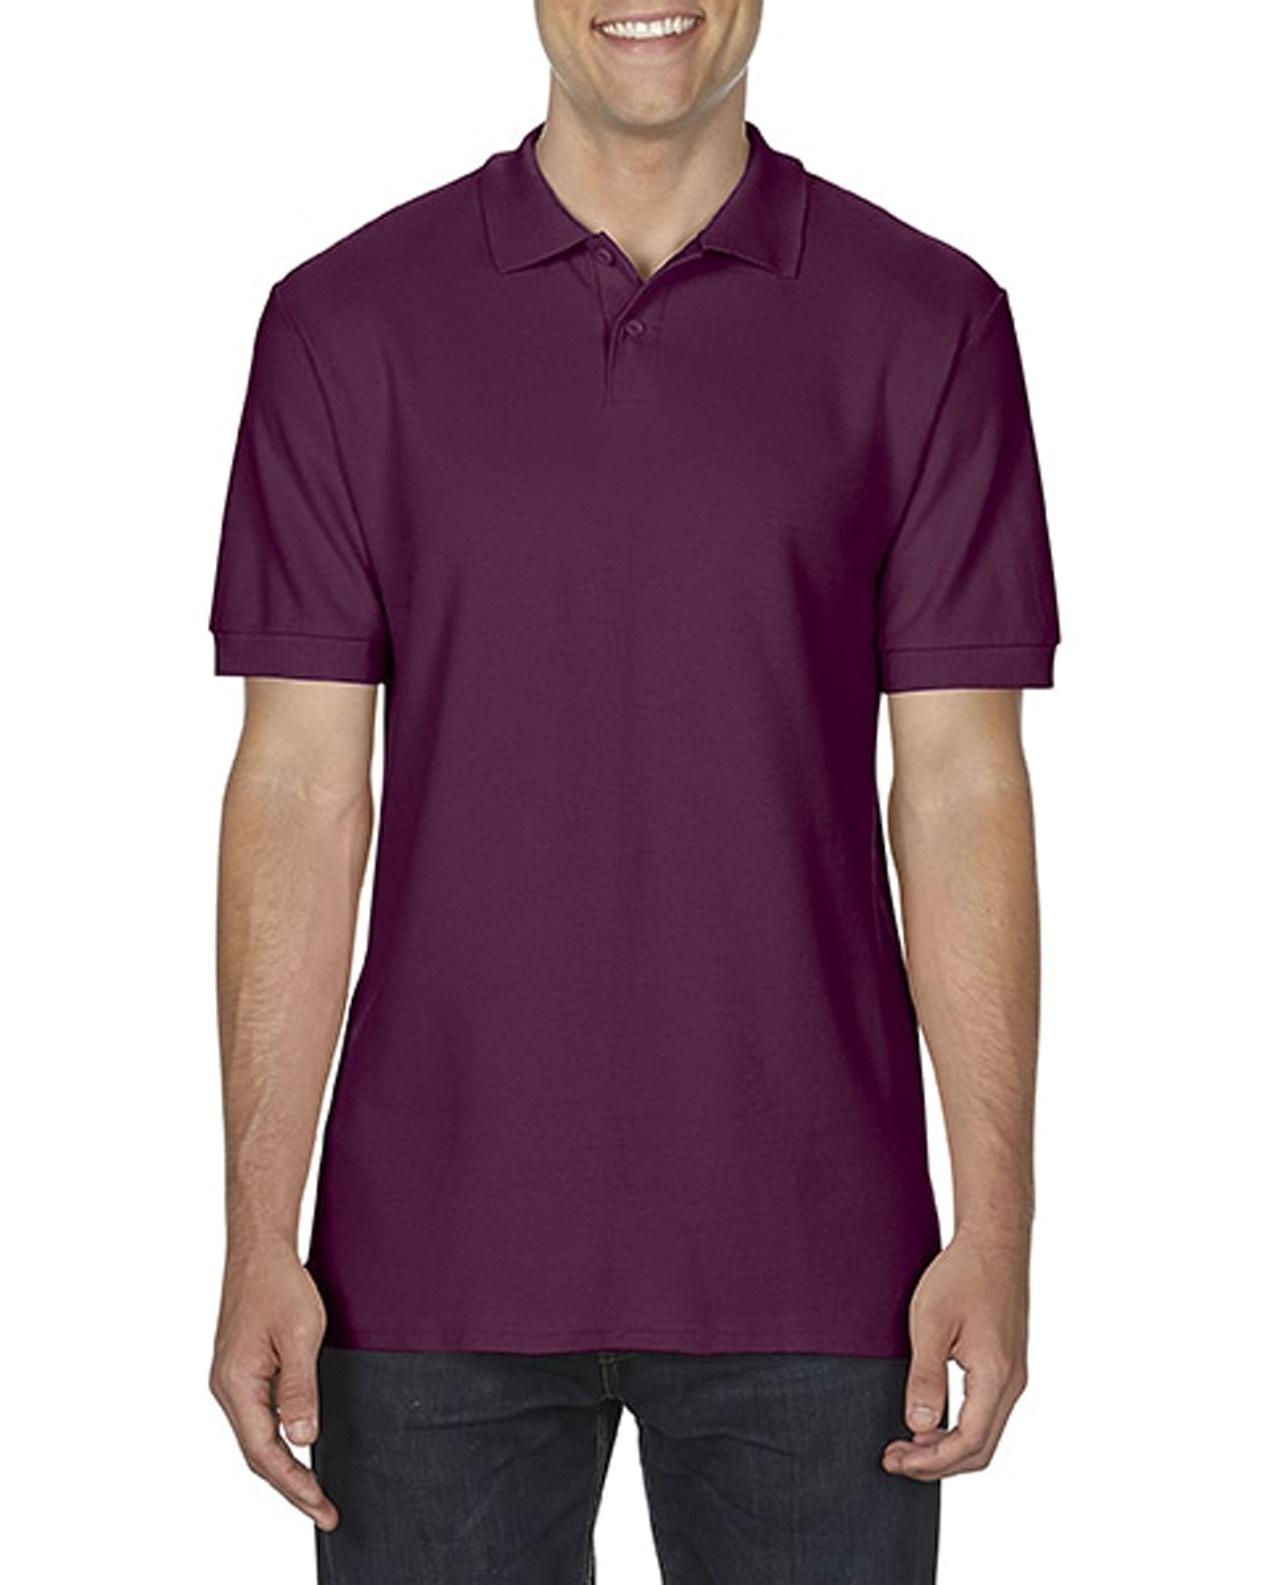 100 cotton Gildan polo shirt maroon